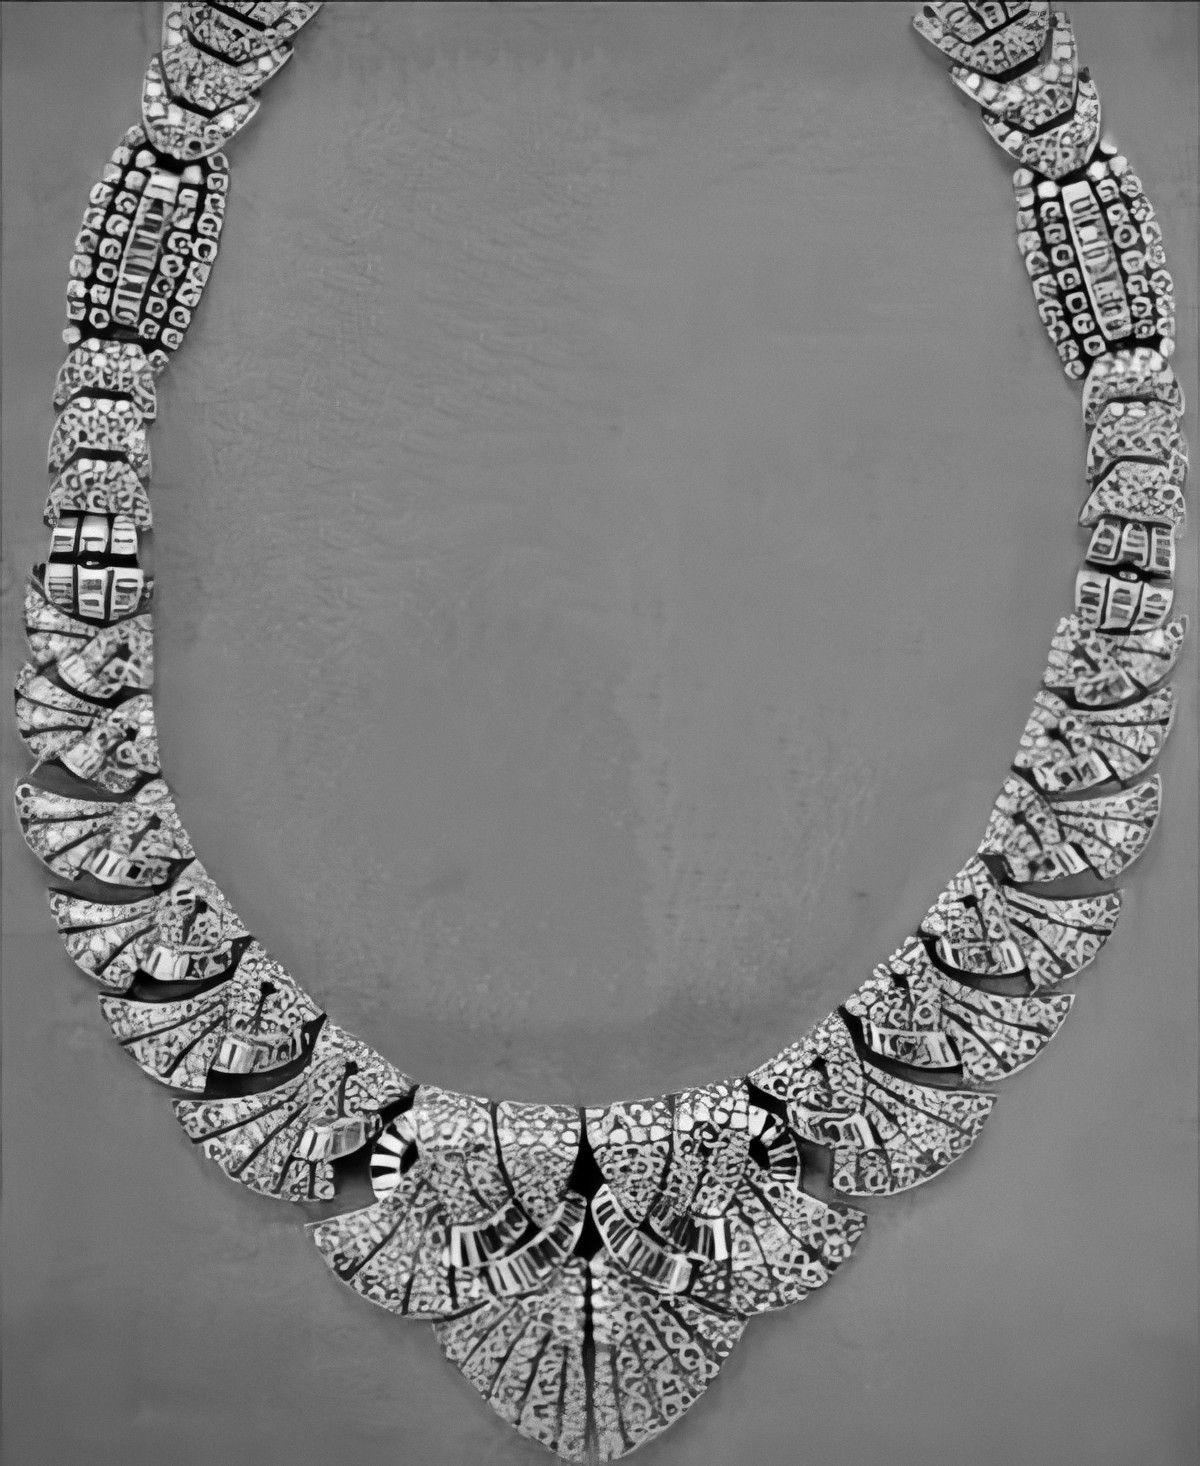 Pin By Aziz Hasan On Diamond Necklace Amazing Jewelry Royal Jewelry Jewelry